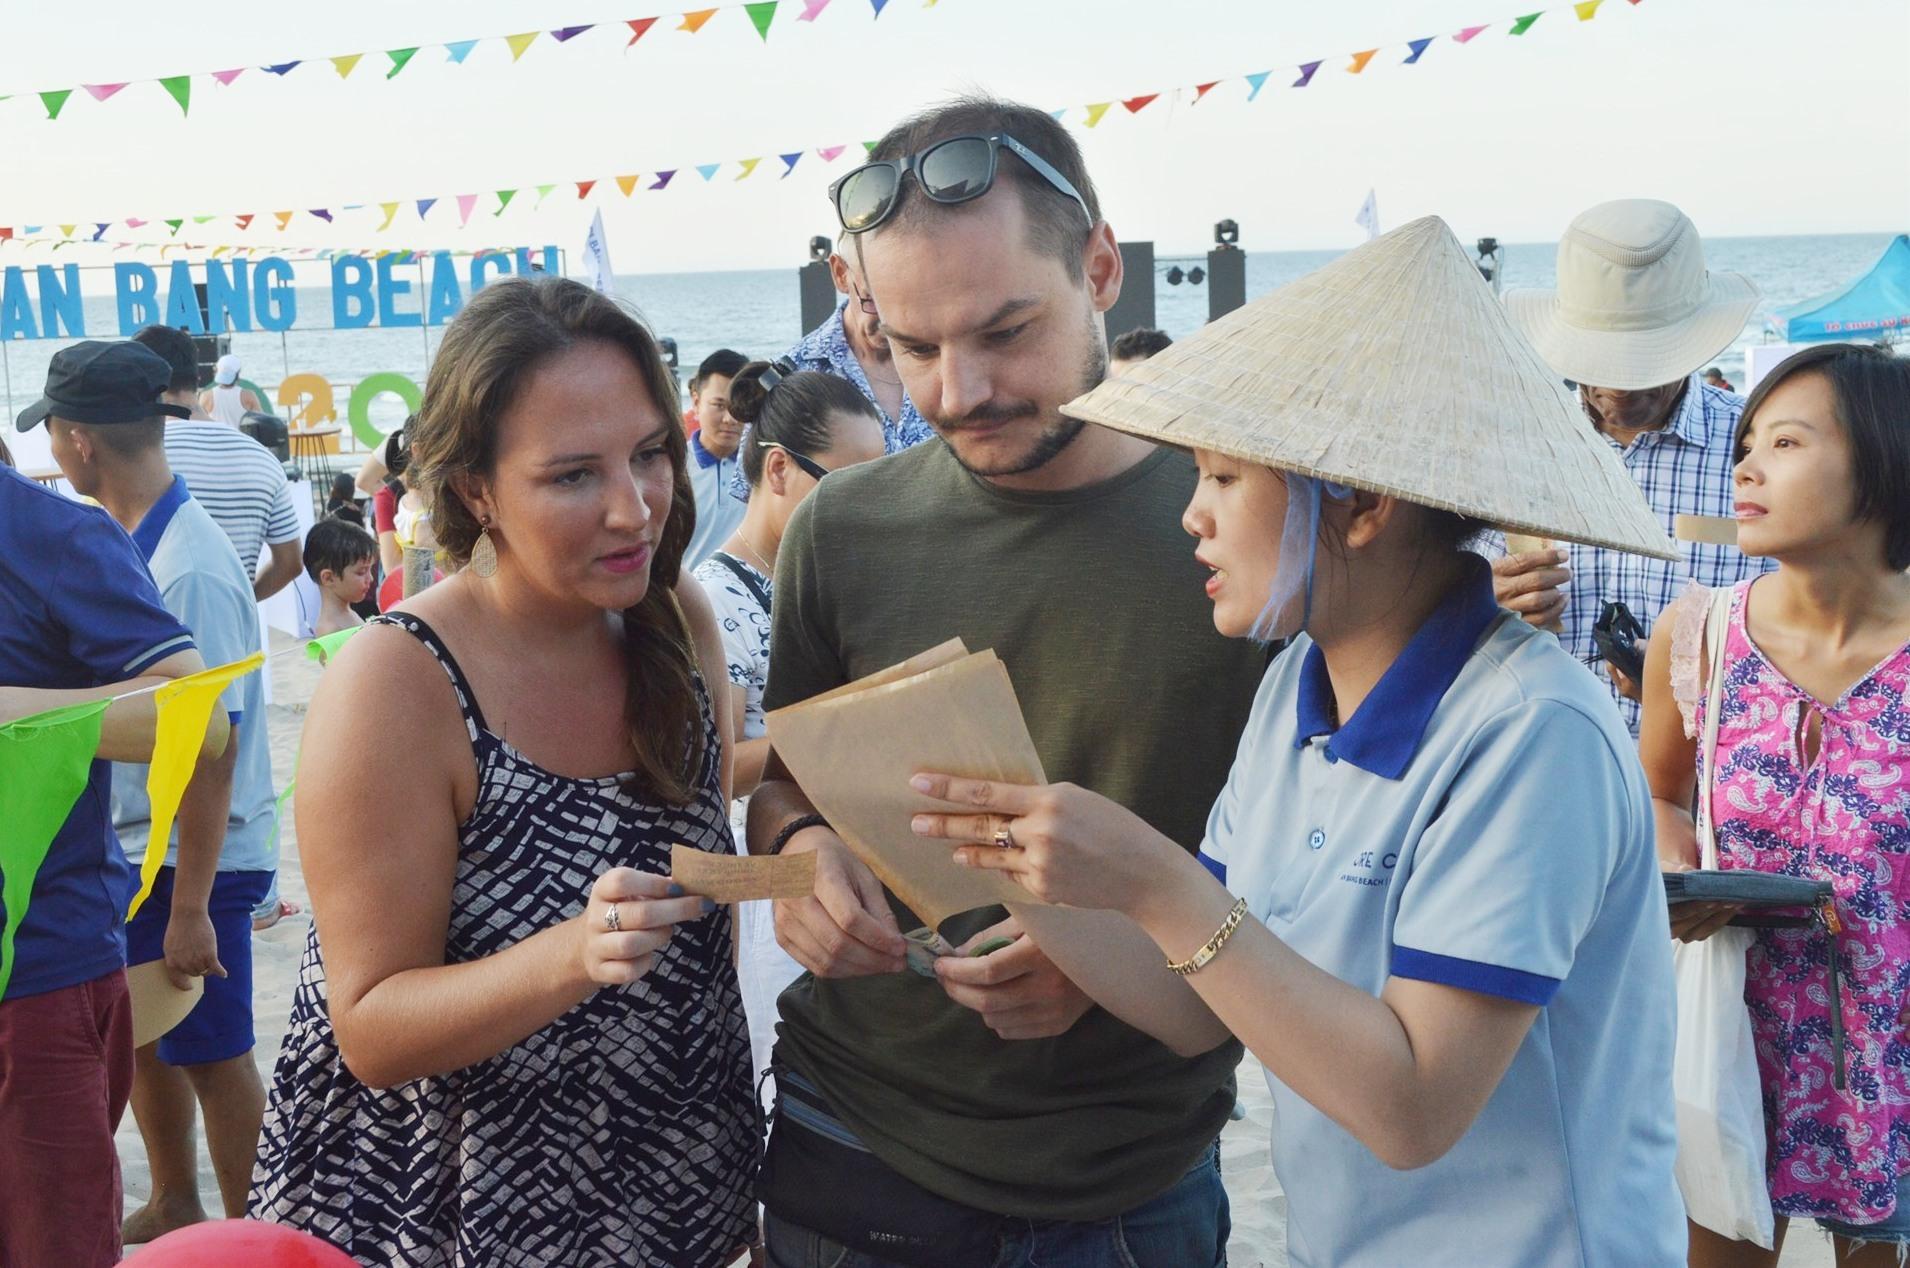 Du khách tìm hiểu các món ăn tại lễ hội. Ảnh: VĨNH LỘC